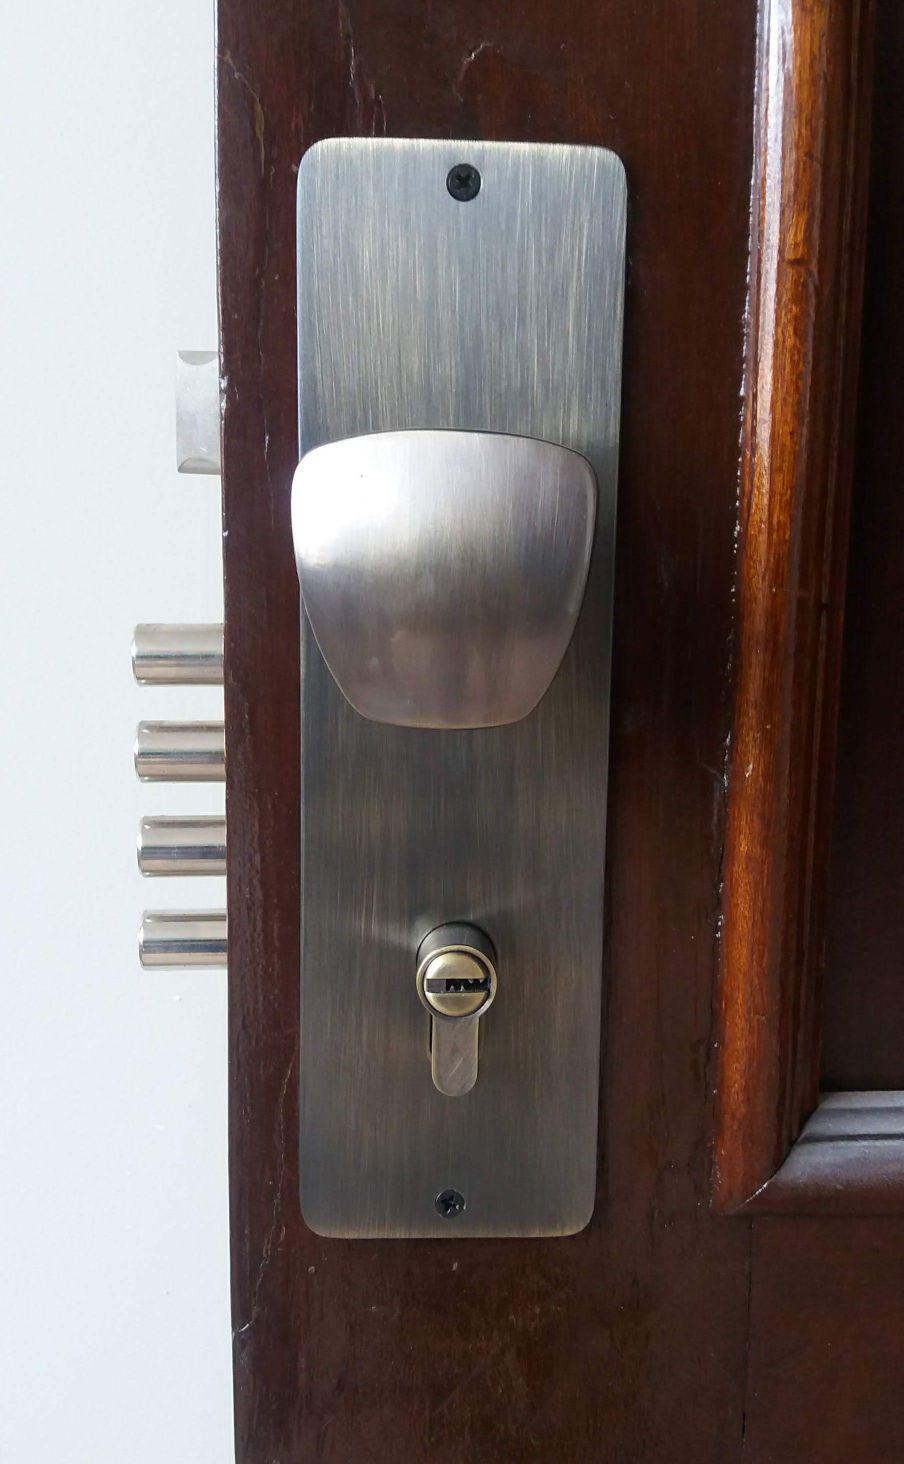 fechadura de segurança multi-ponto.